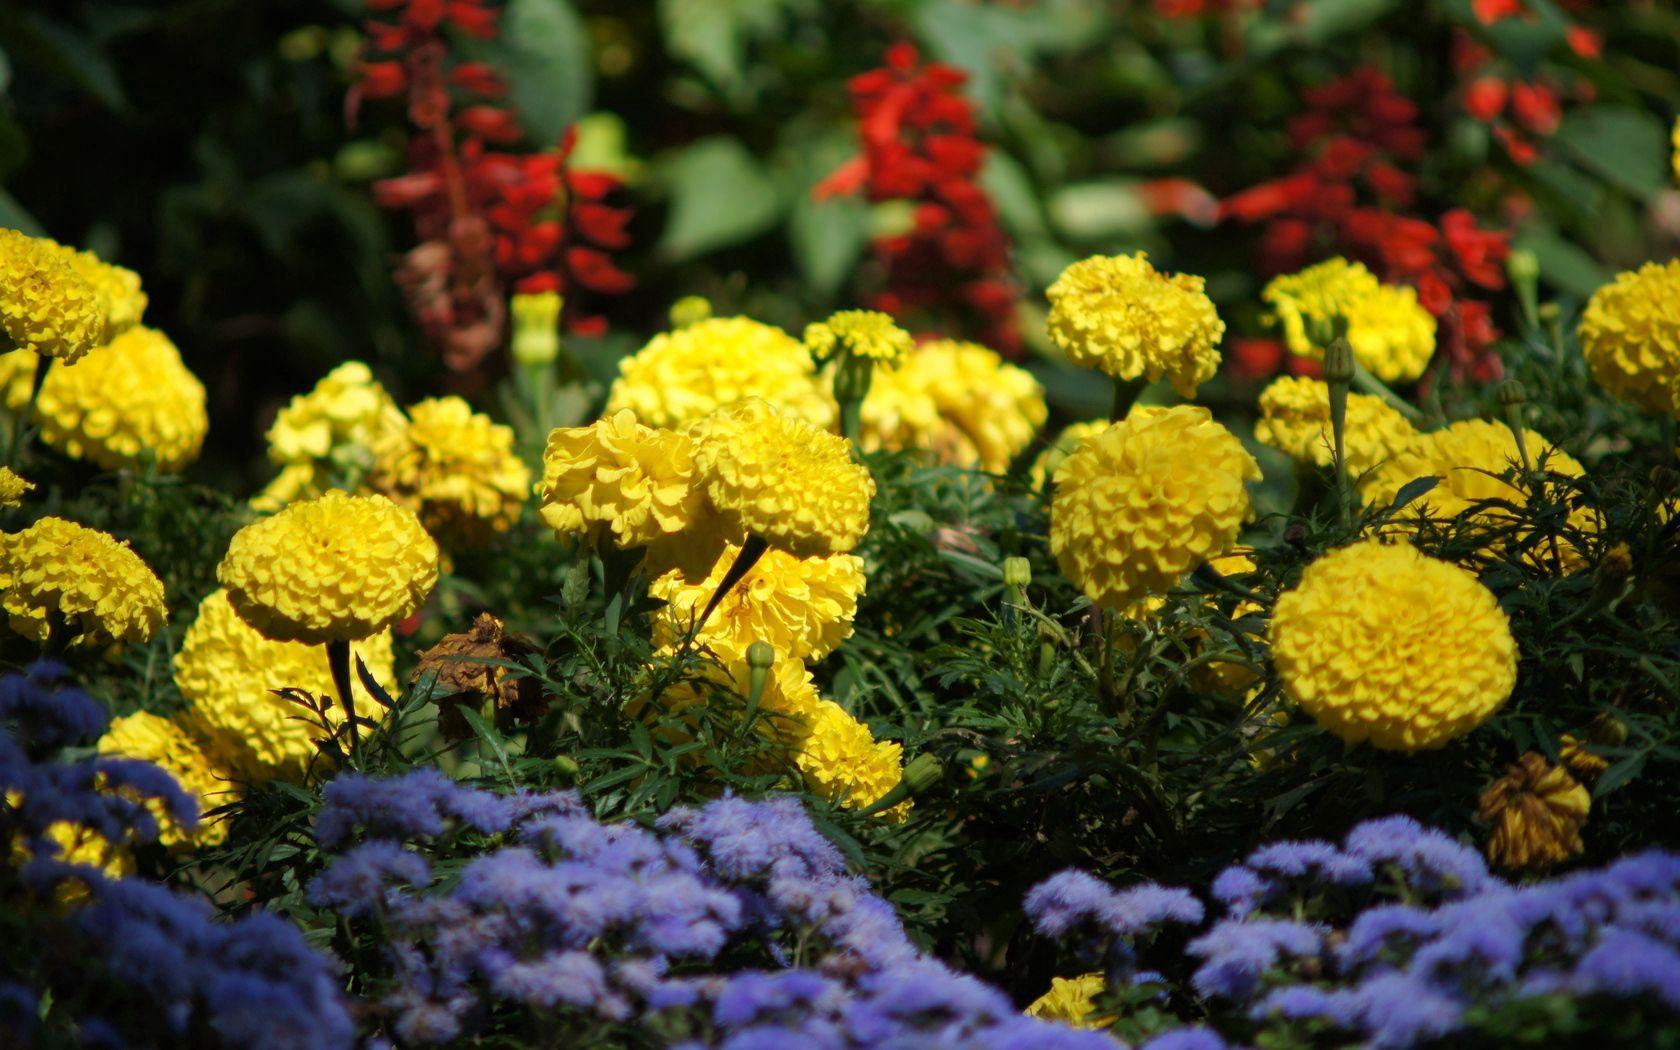 123380 скачать обои Цветы, Зелень, Яркие, Клумба, Бархотки - заставки и картинки бесплатно